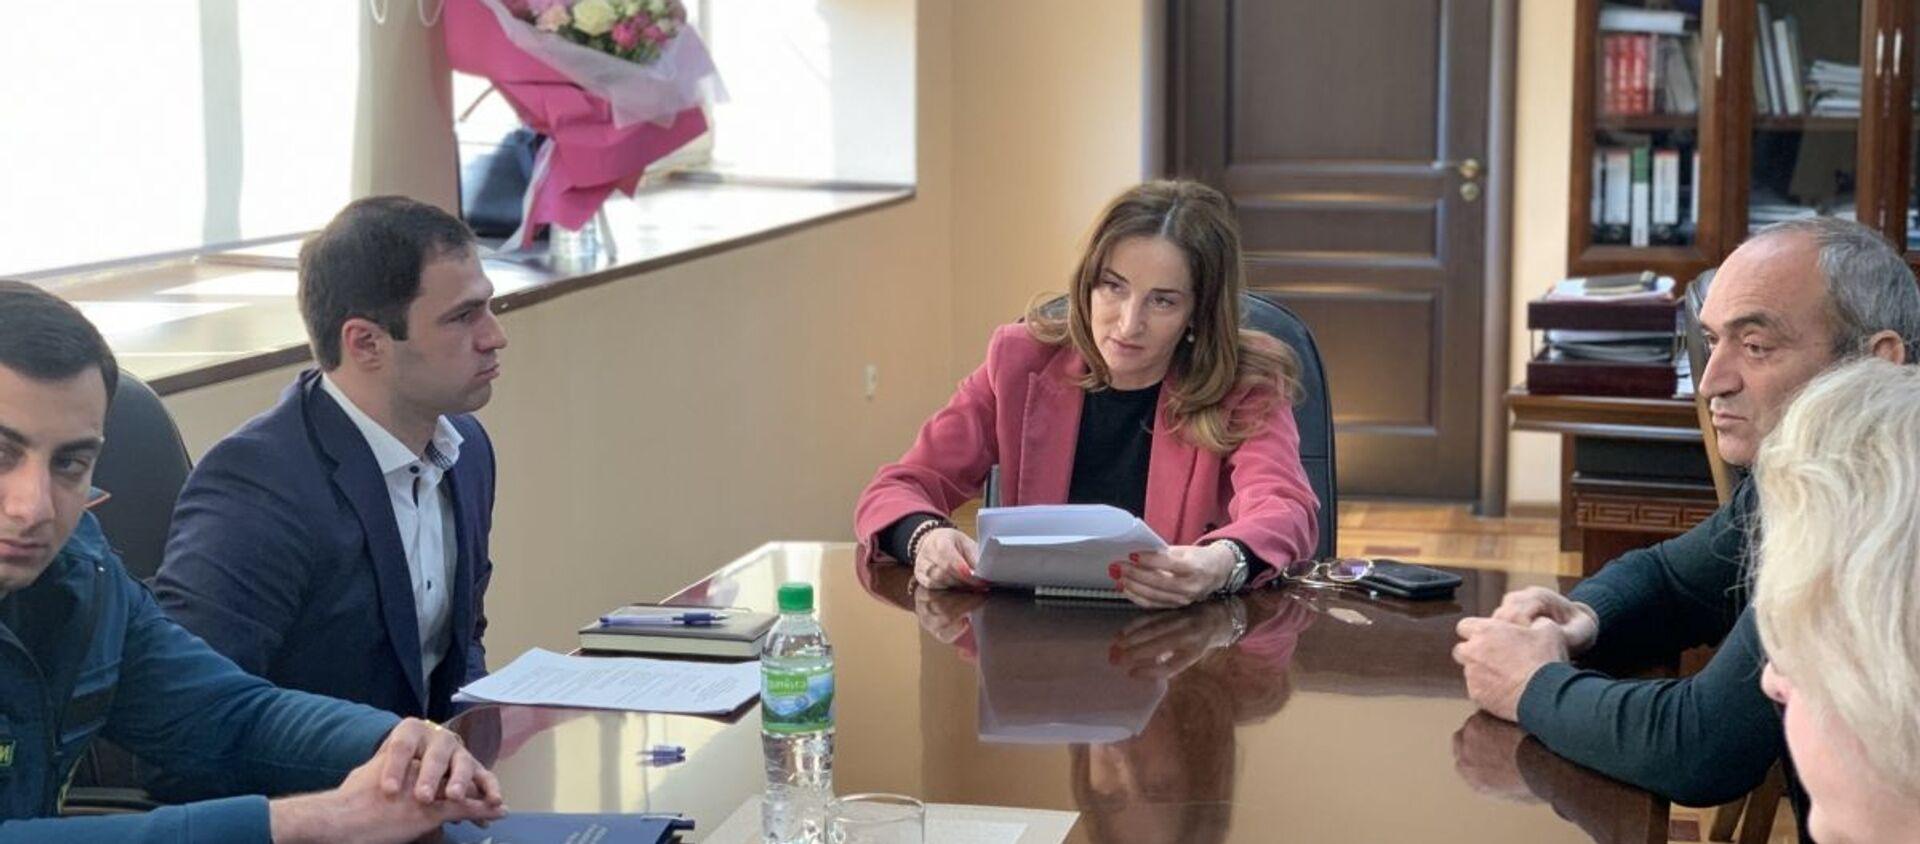 29 марта в Министерстве экономике состоялось совещание по вопросам устранения последствий оползня в городе Новый Афон. - Sputnik Аҧсны, 1920, 30.03.2021